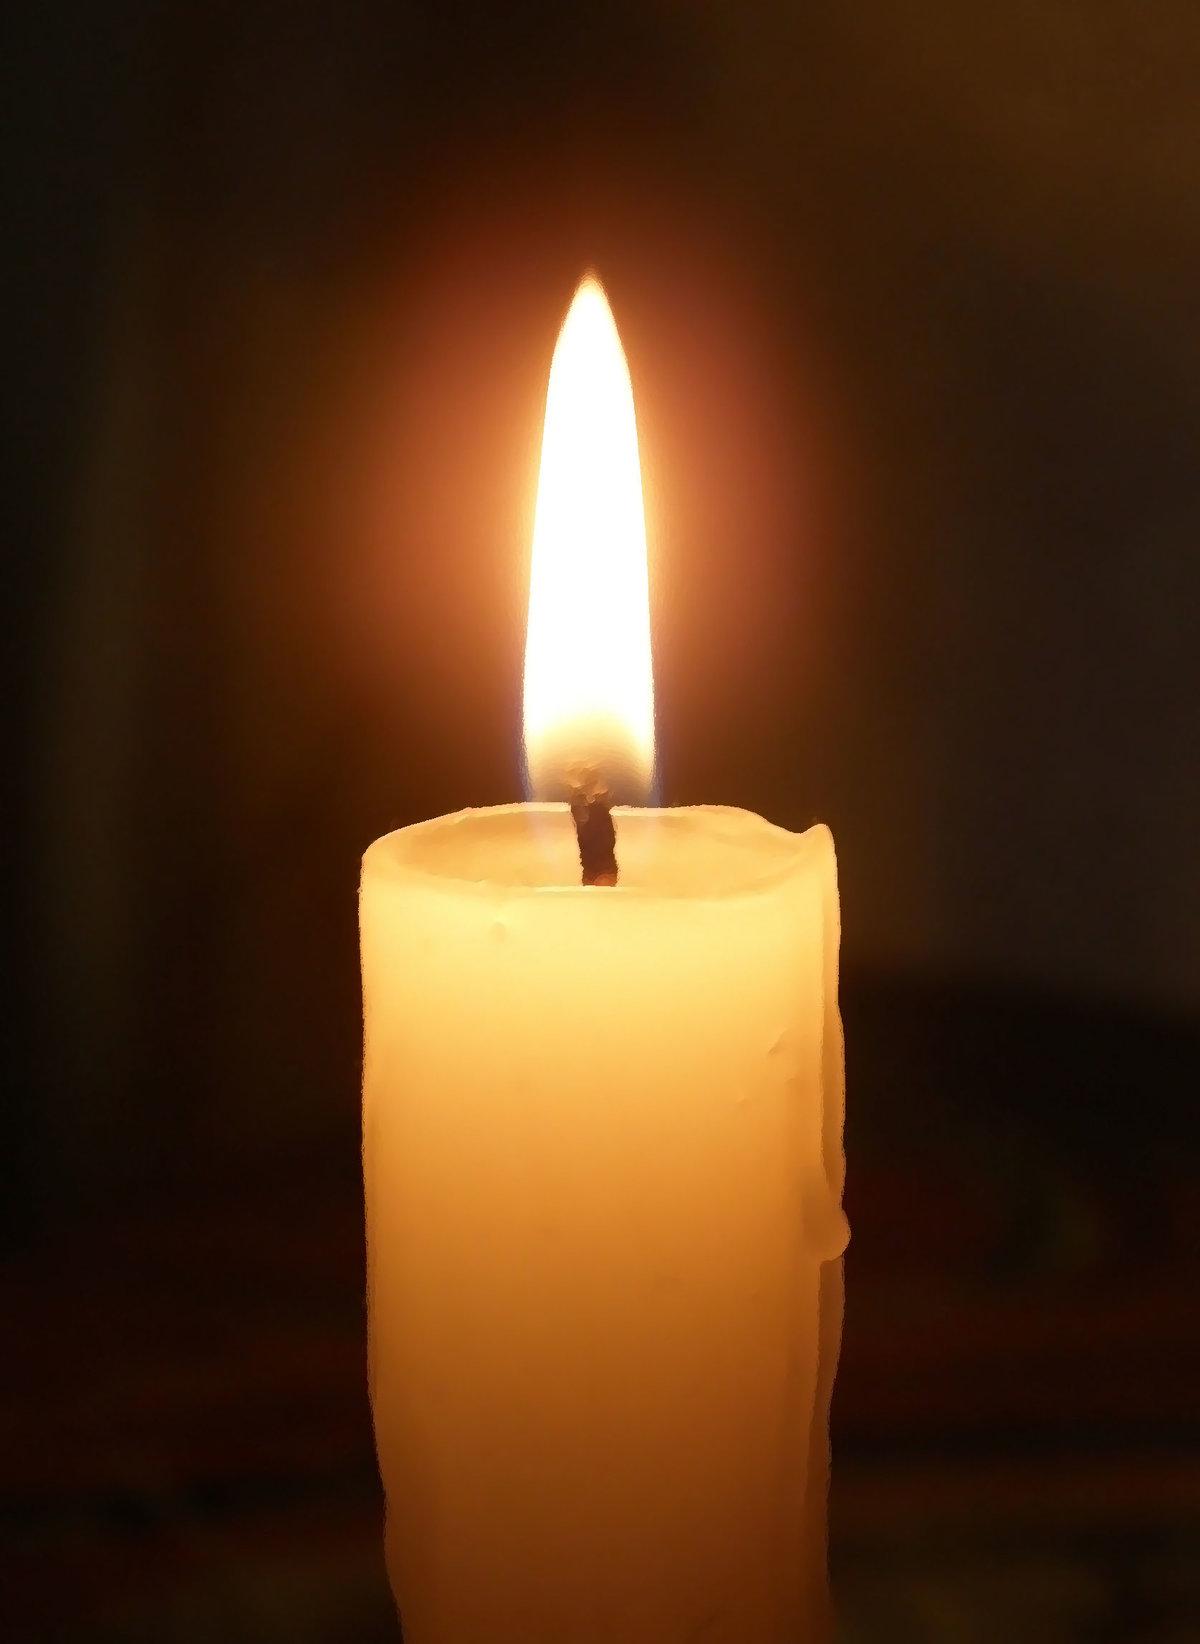 Картинки горящих свечей анимация, хорошего отдыха после